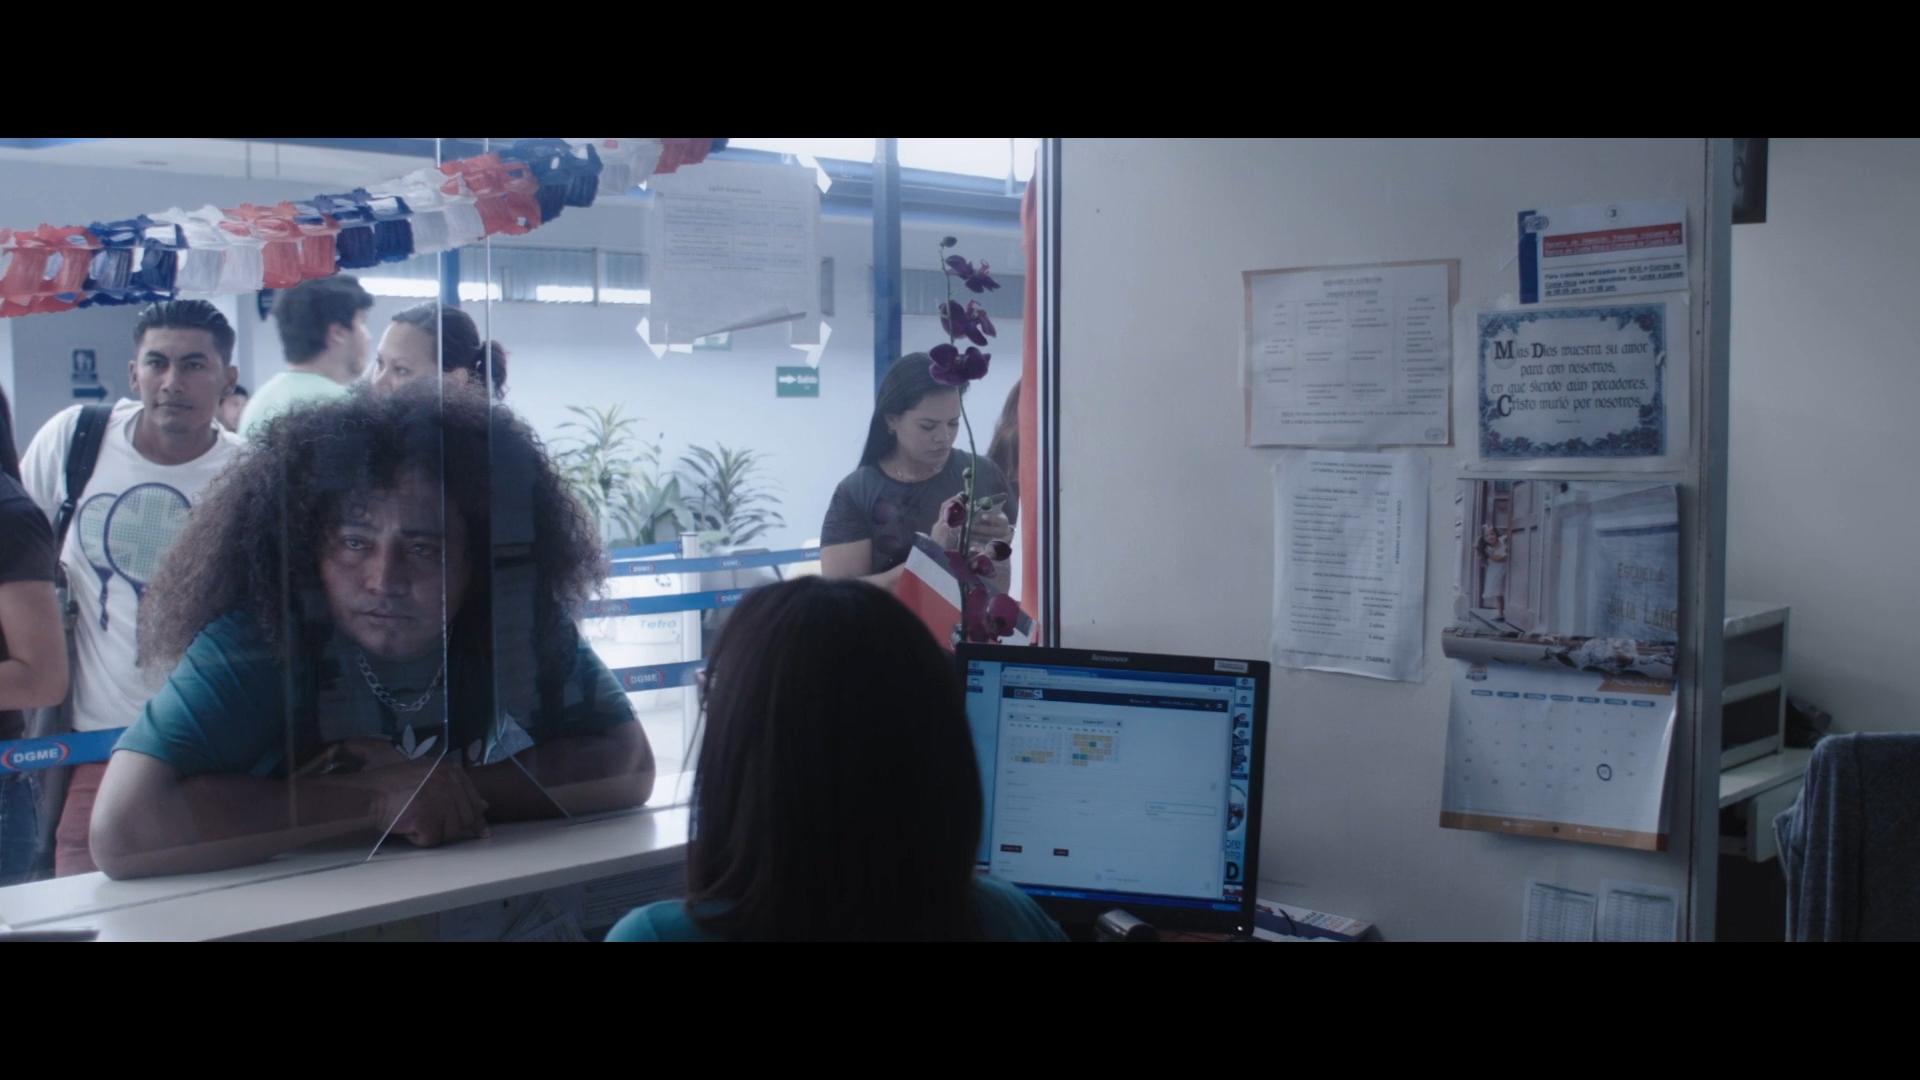 Película Avanzaré tan despacio, dirigido por Natalia Solórzano